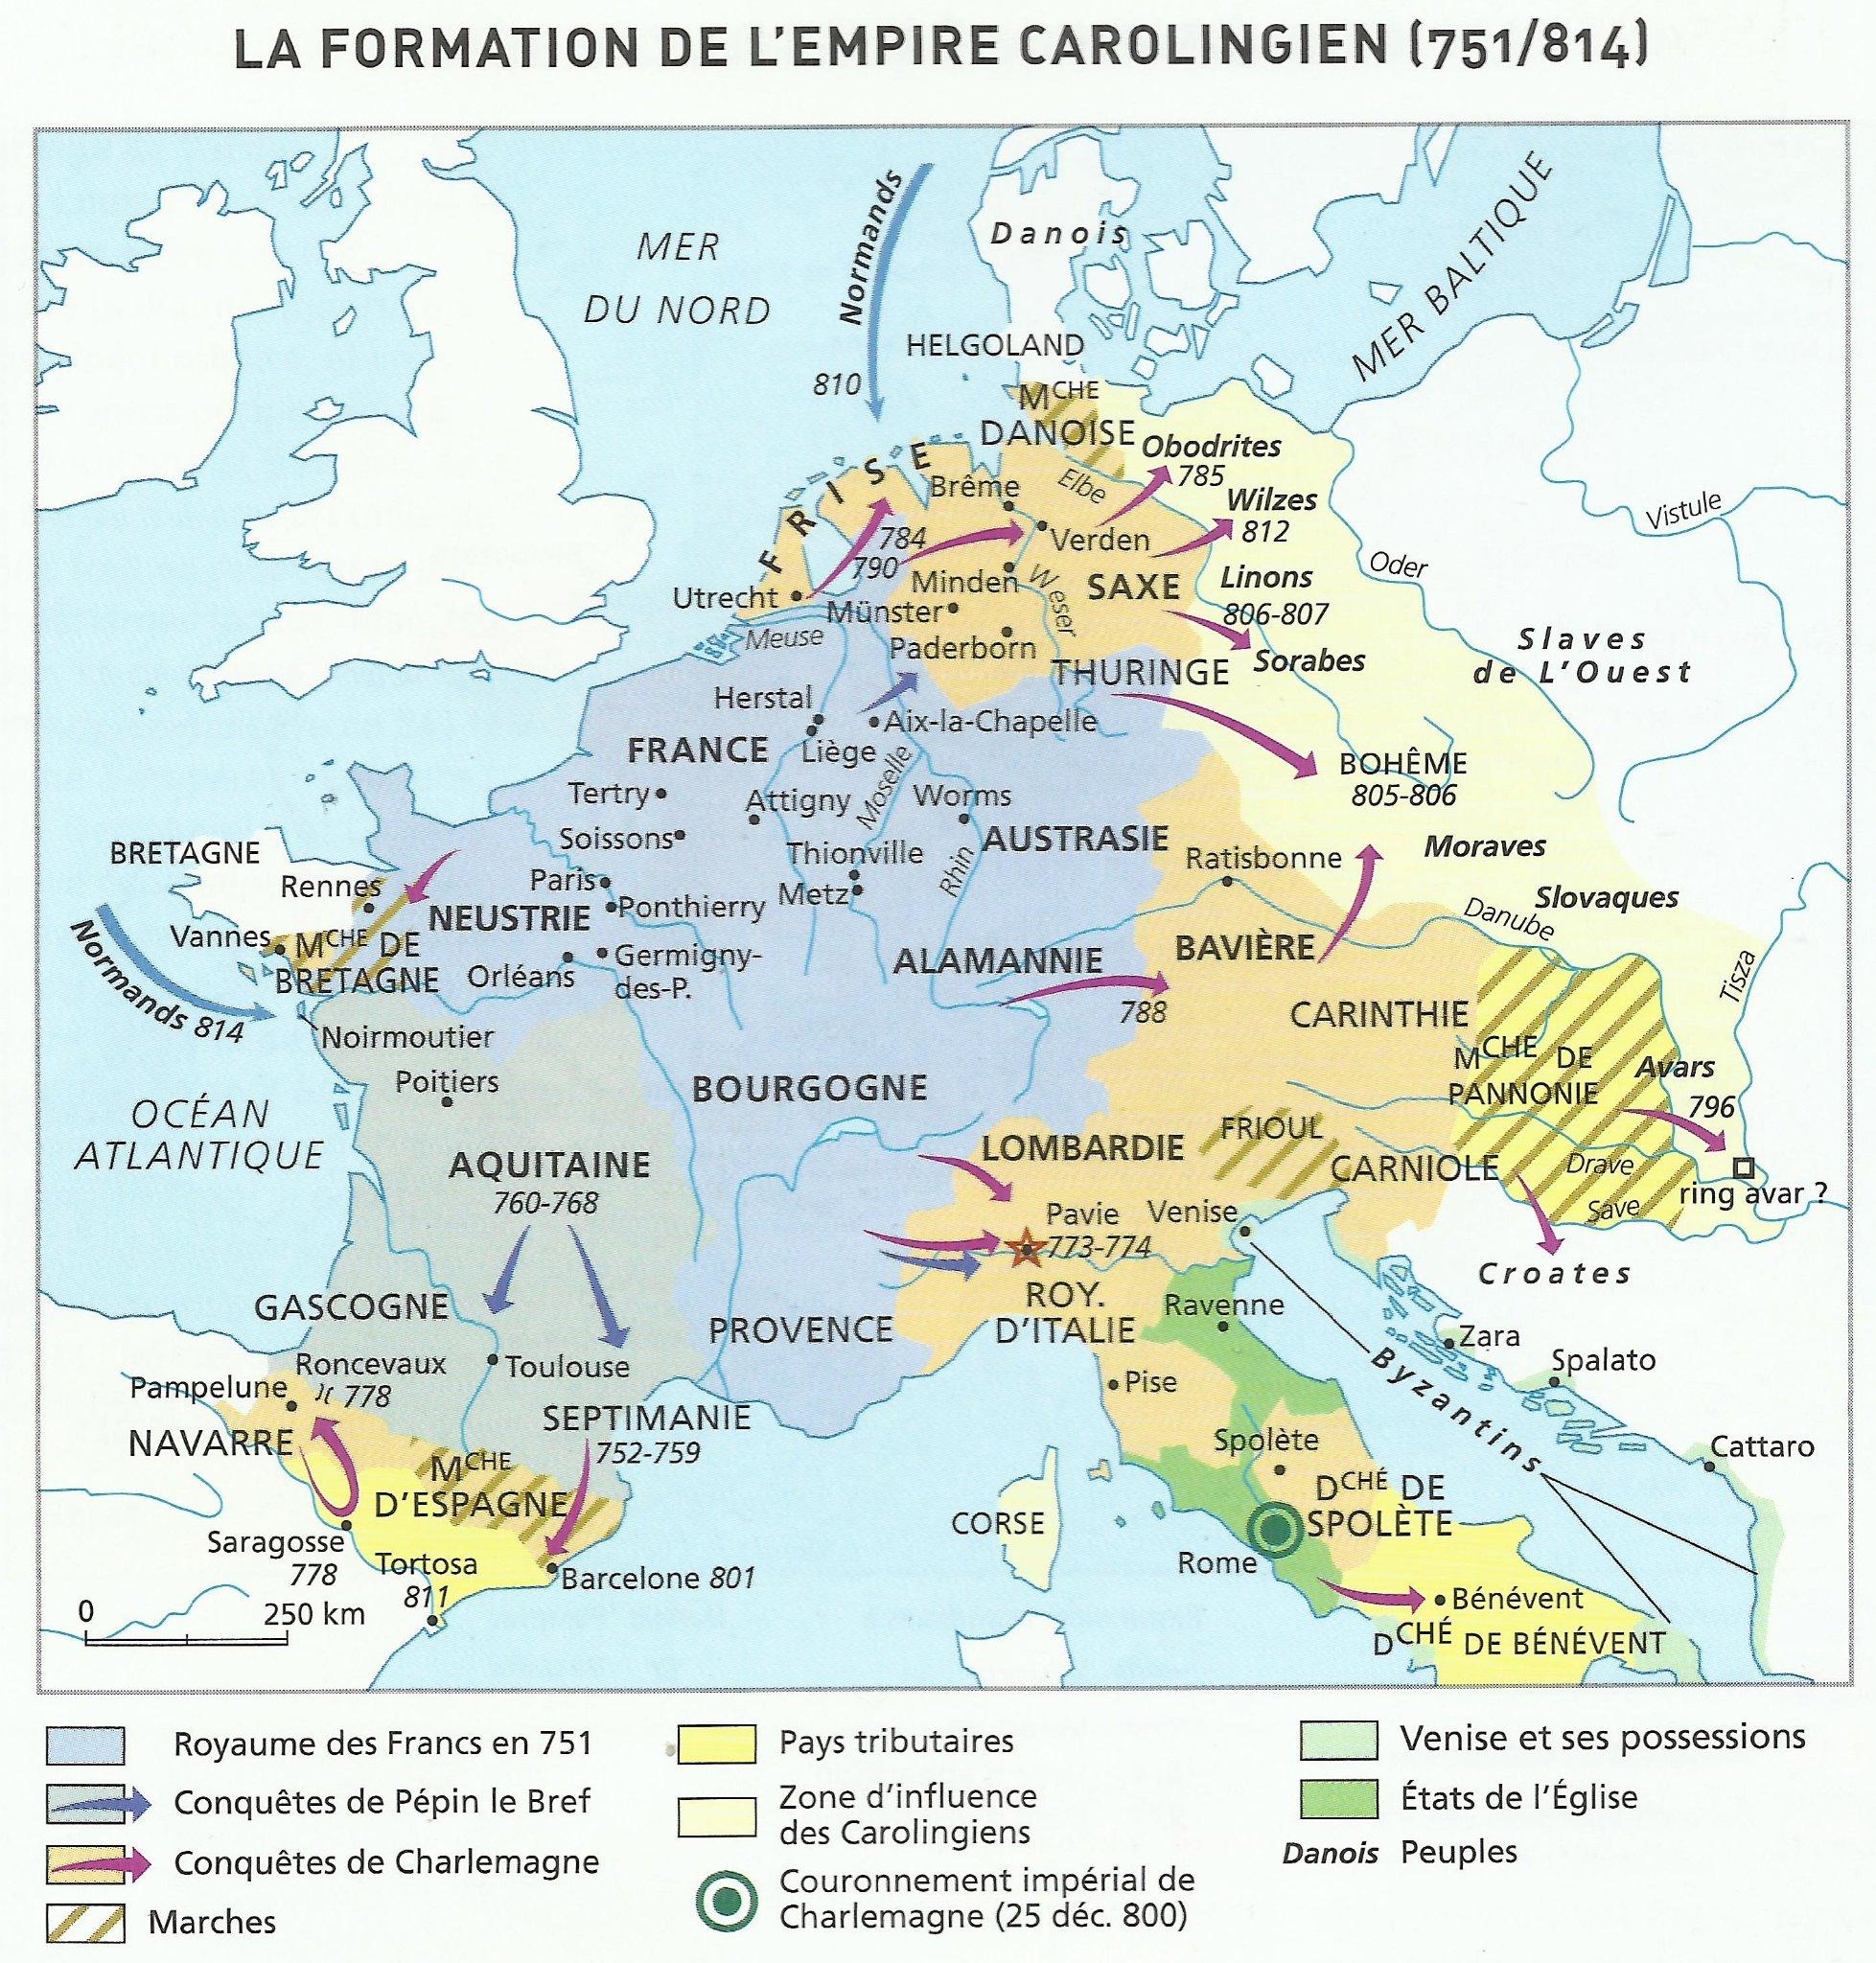 La formation de l'Empire carolingien (751/814) (Duby Georges, Atlas Historique Duby, Paris, Larousse, 2010)